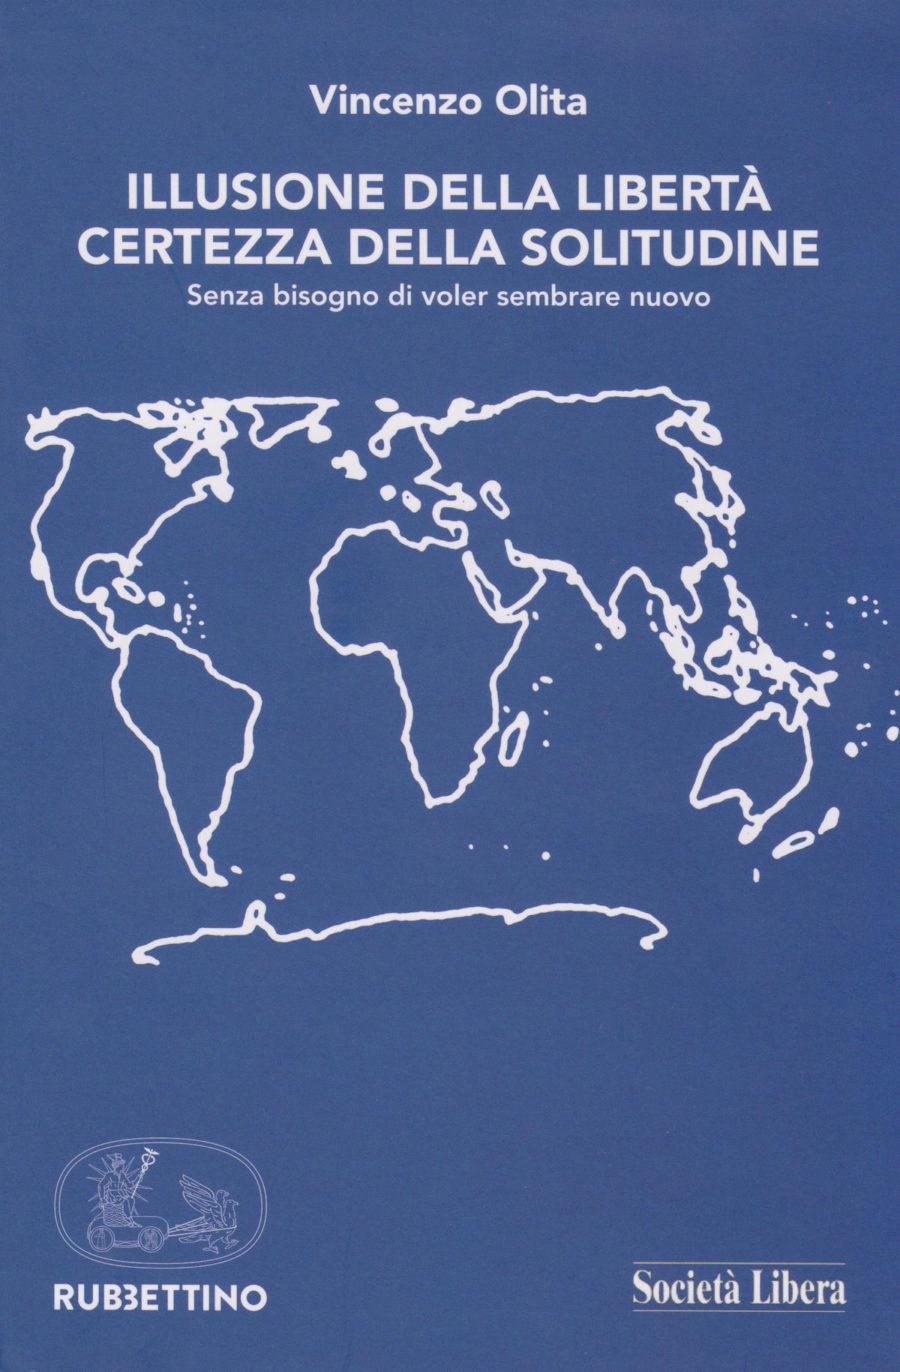 La copertina del libro Illusione della libertà certezza della solitudine, di Vincenzo Olita